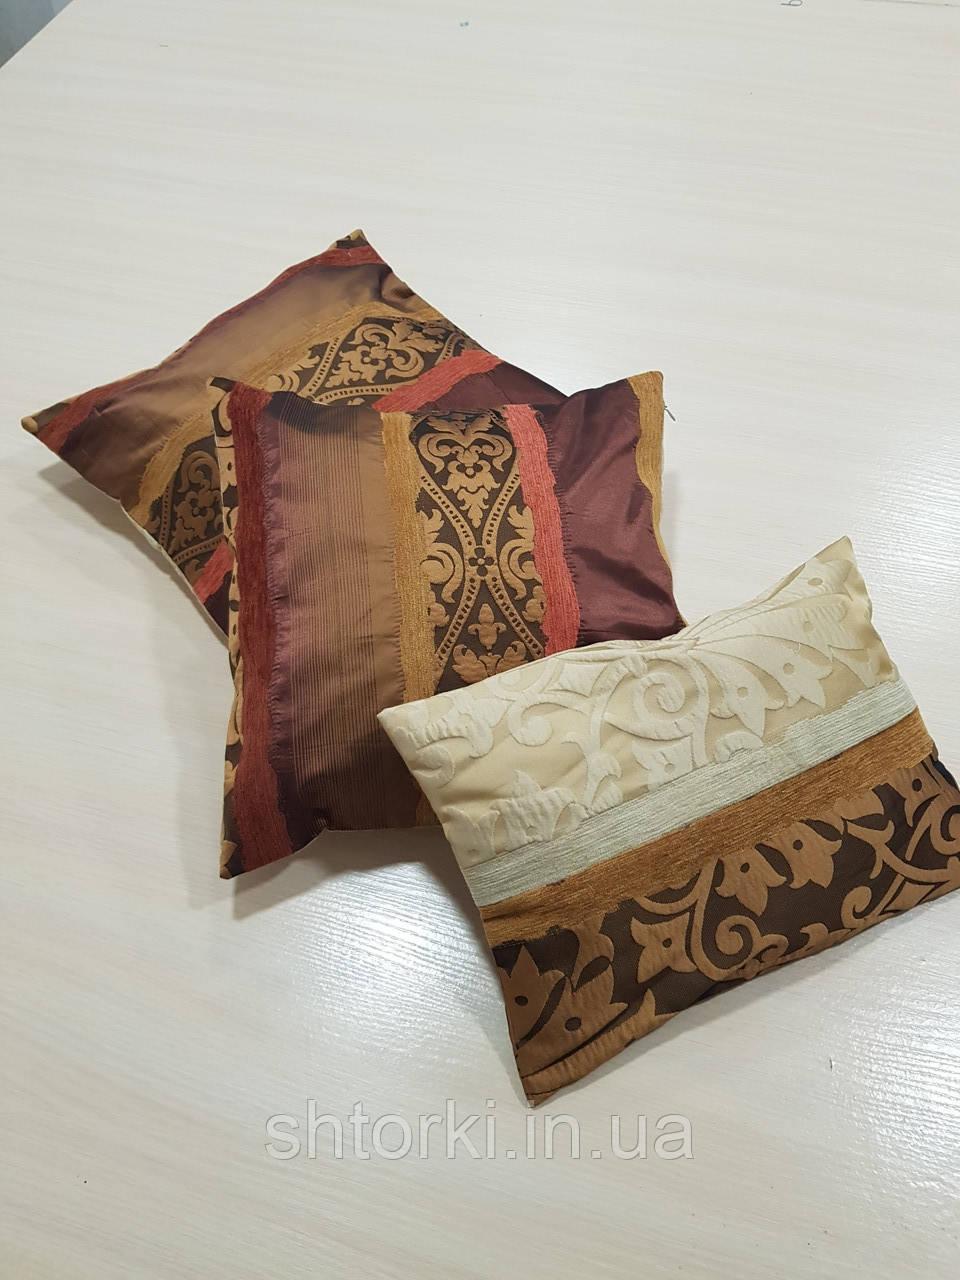 Комплект подушек Коричневые с бежем с рисунком, 3шт